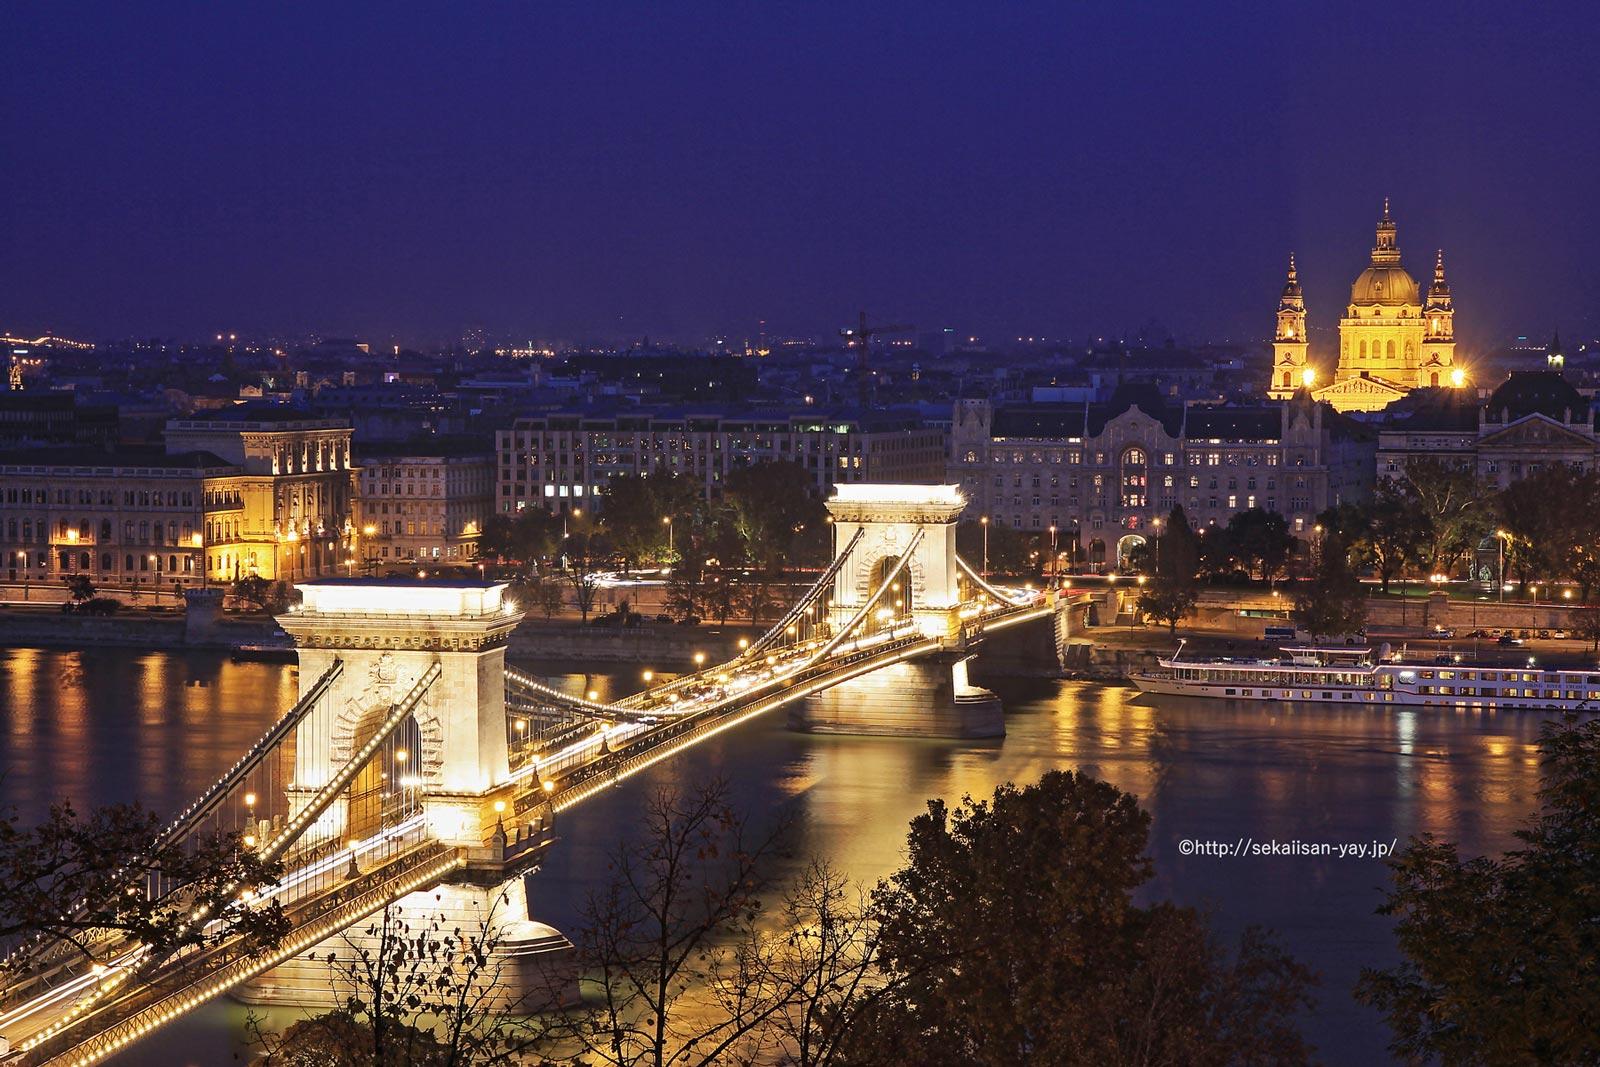 ハンガリー「ドナウ河岸、ブダ城地区及びアンドラーシ通りを含むブダペスト」- セーチェーニ鎖橋夜景